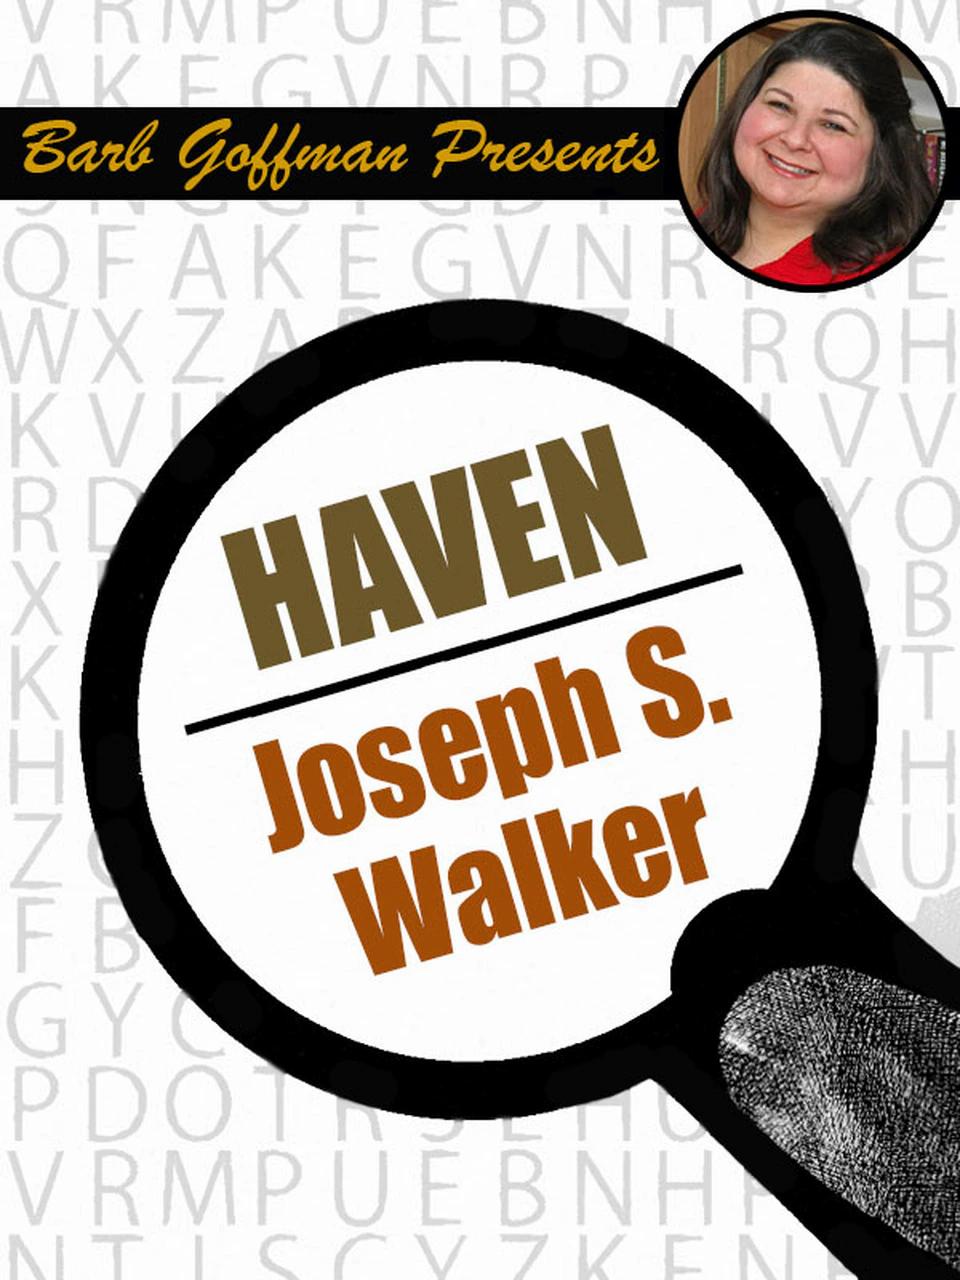 Walker_Haven__Goffman.webp